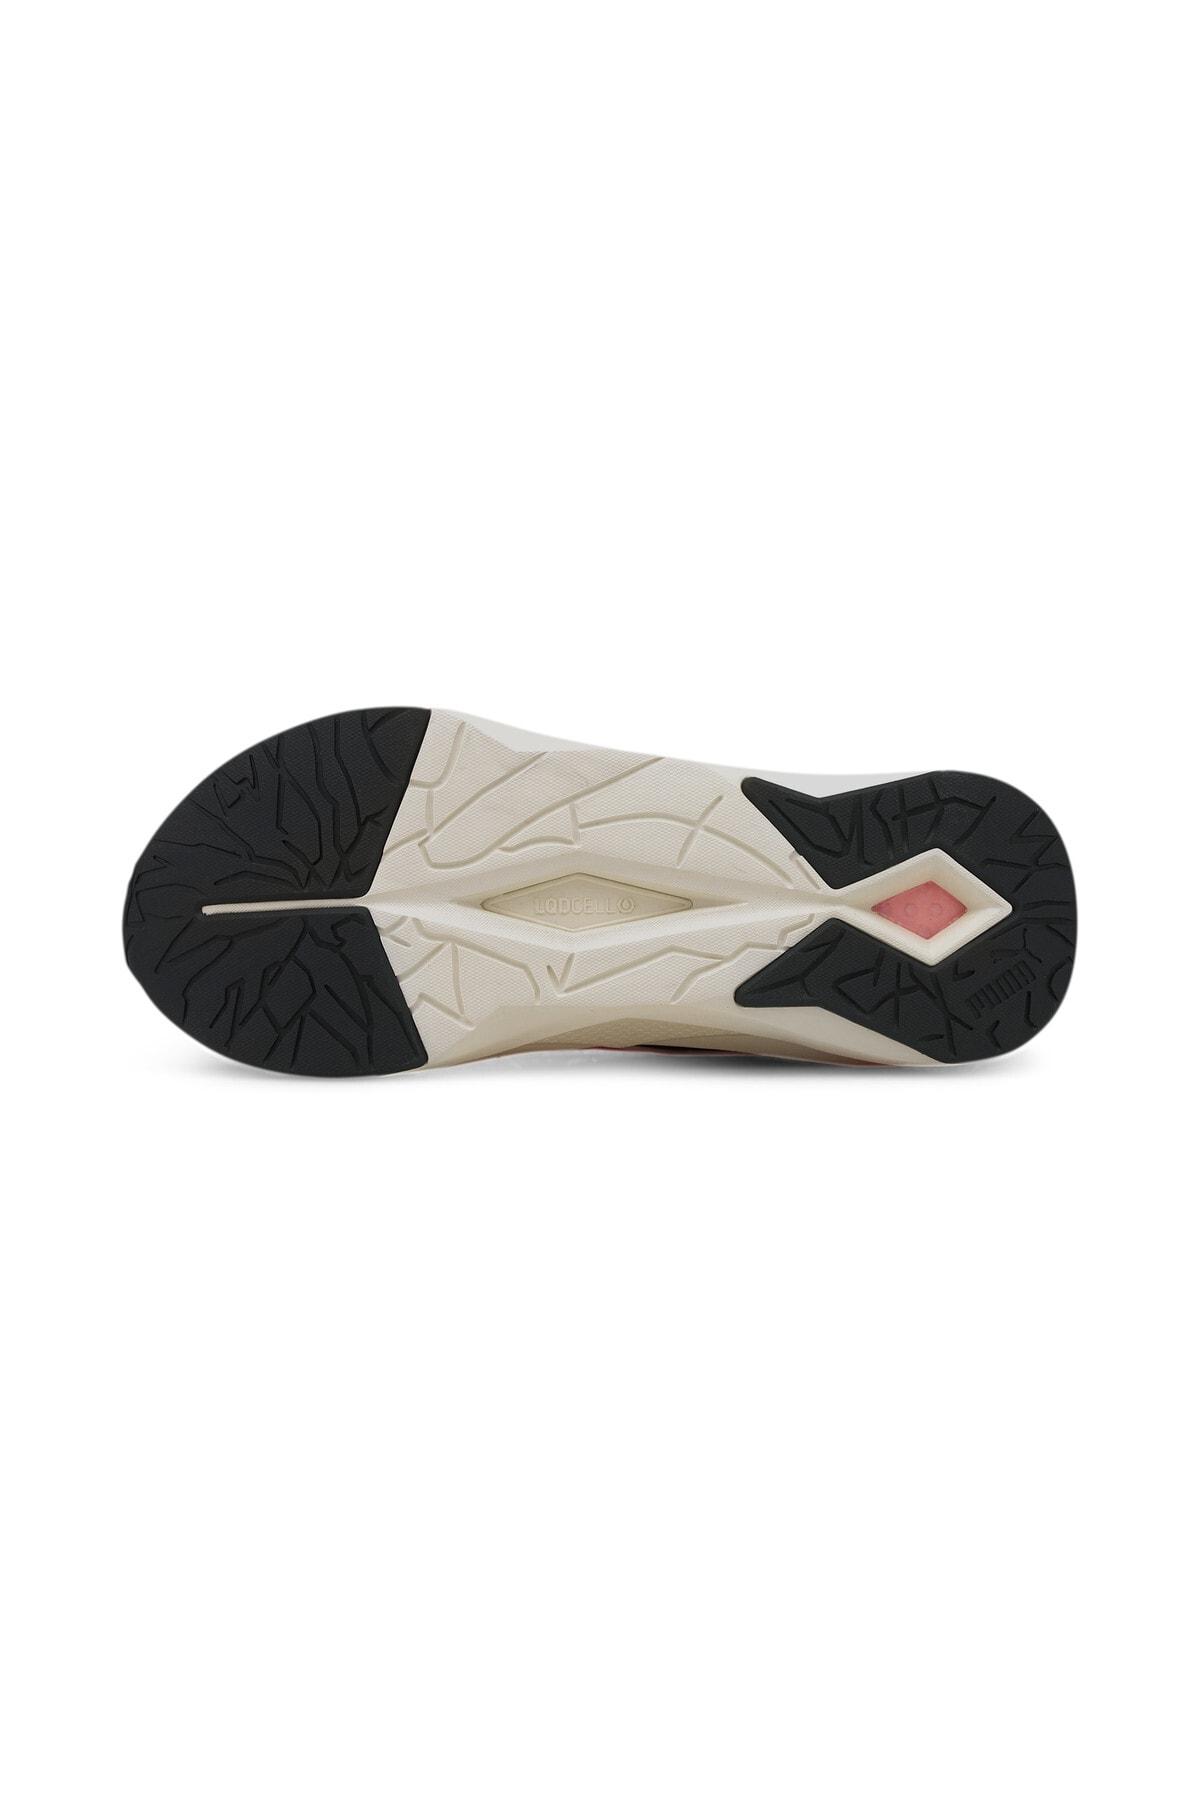 Puma LQDCELL SHATTER XT GEO PE Pembe Kadın Sneaker Ayakkabı 101119152 4